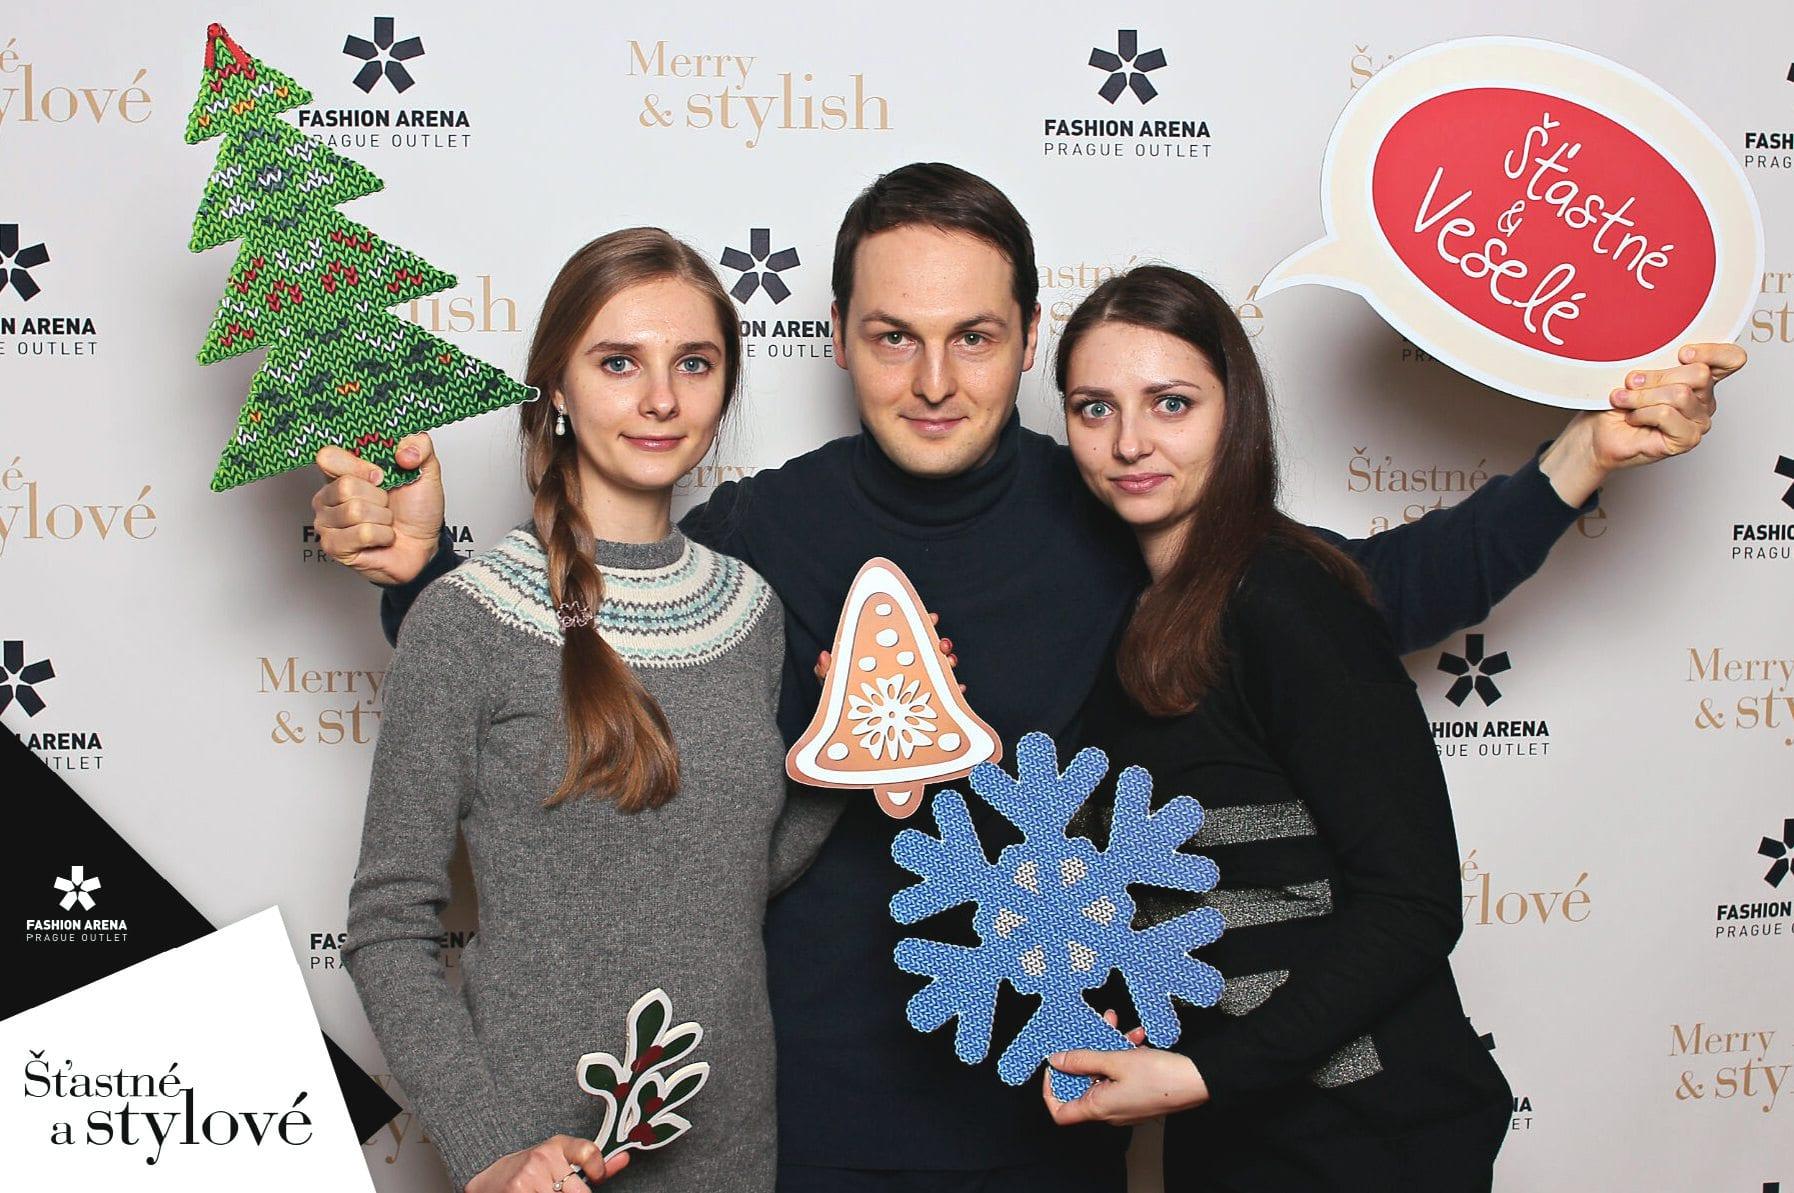 fotokoutek-fashion-arena-stastne-a-stylove-12-12-2016-184349